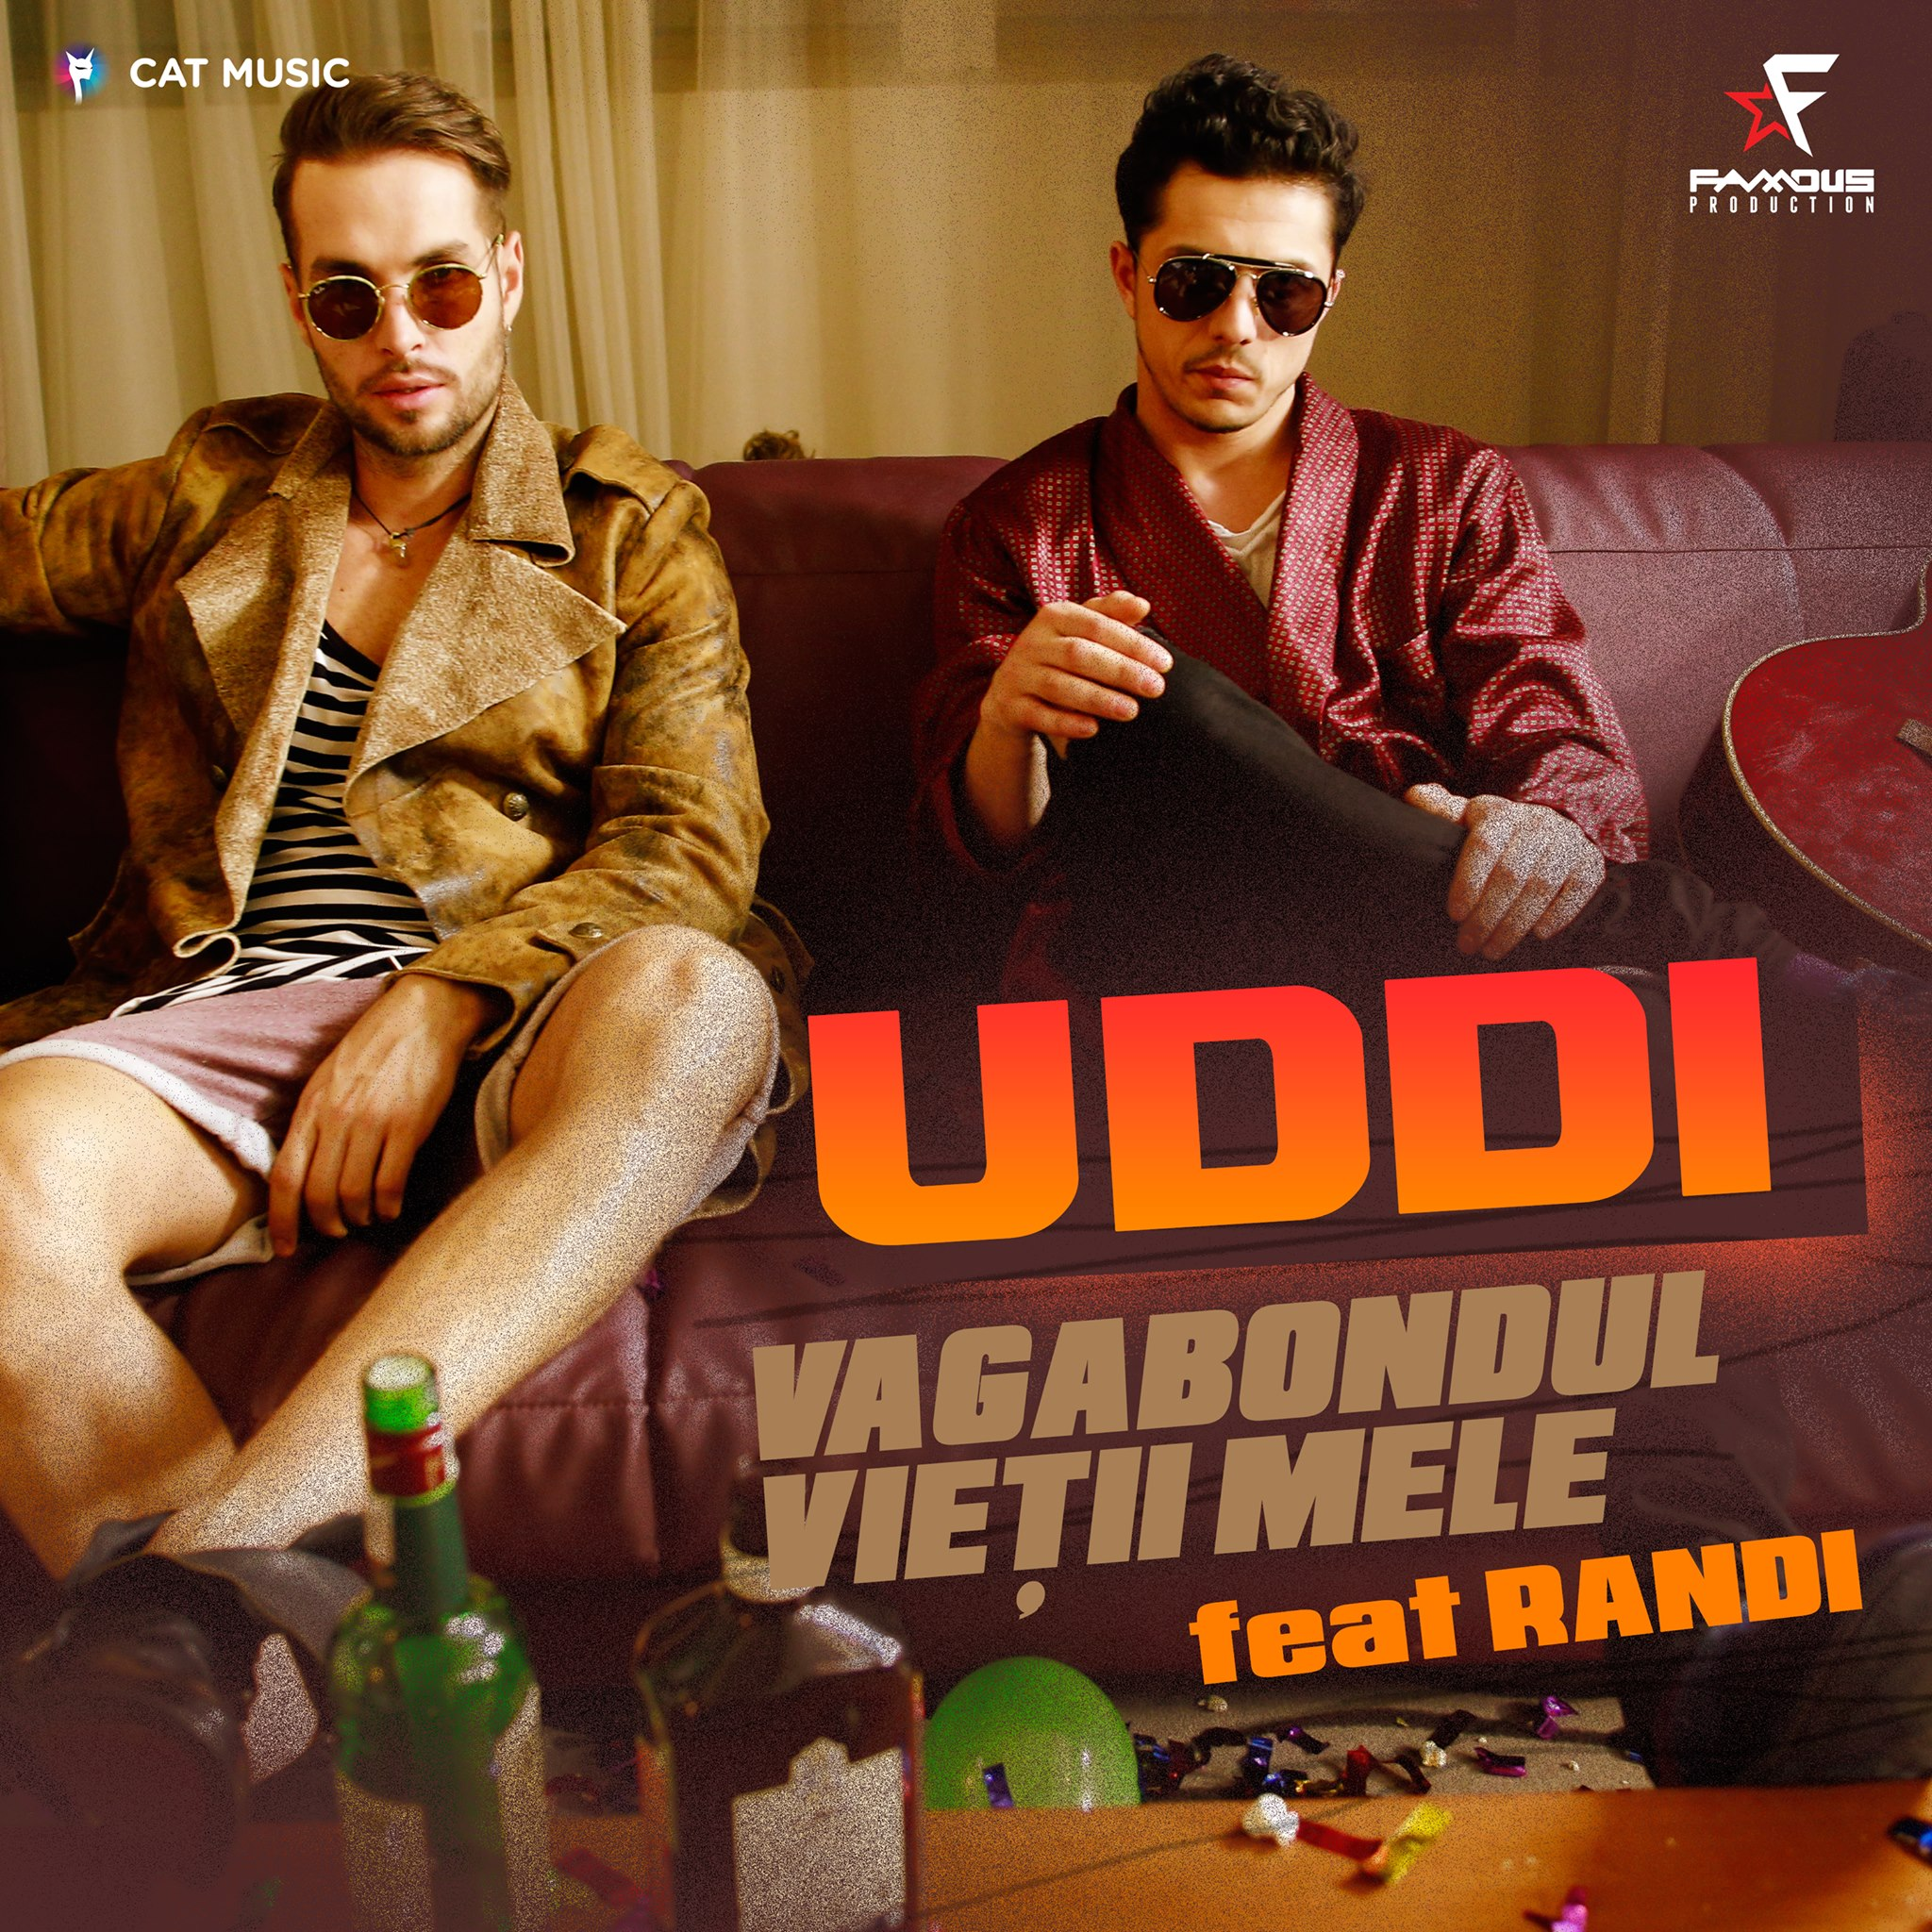 """Uddi si Randi lanseaza single-ul si videoclipul """"Vagabondul vietii mele"""""""